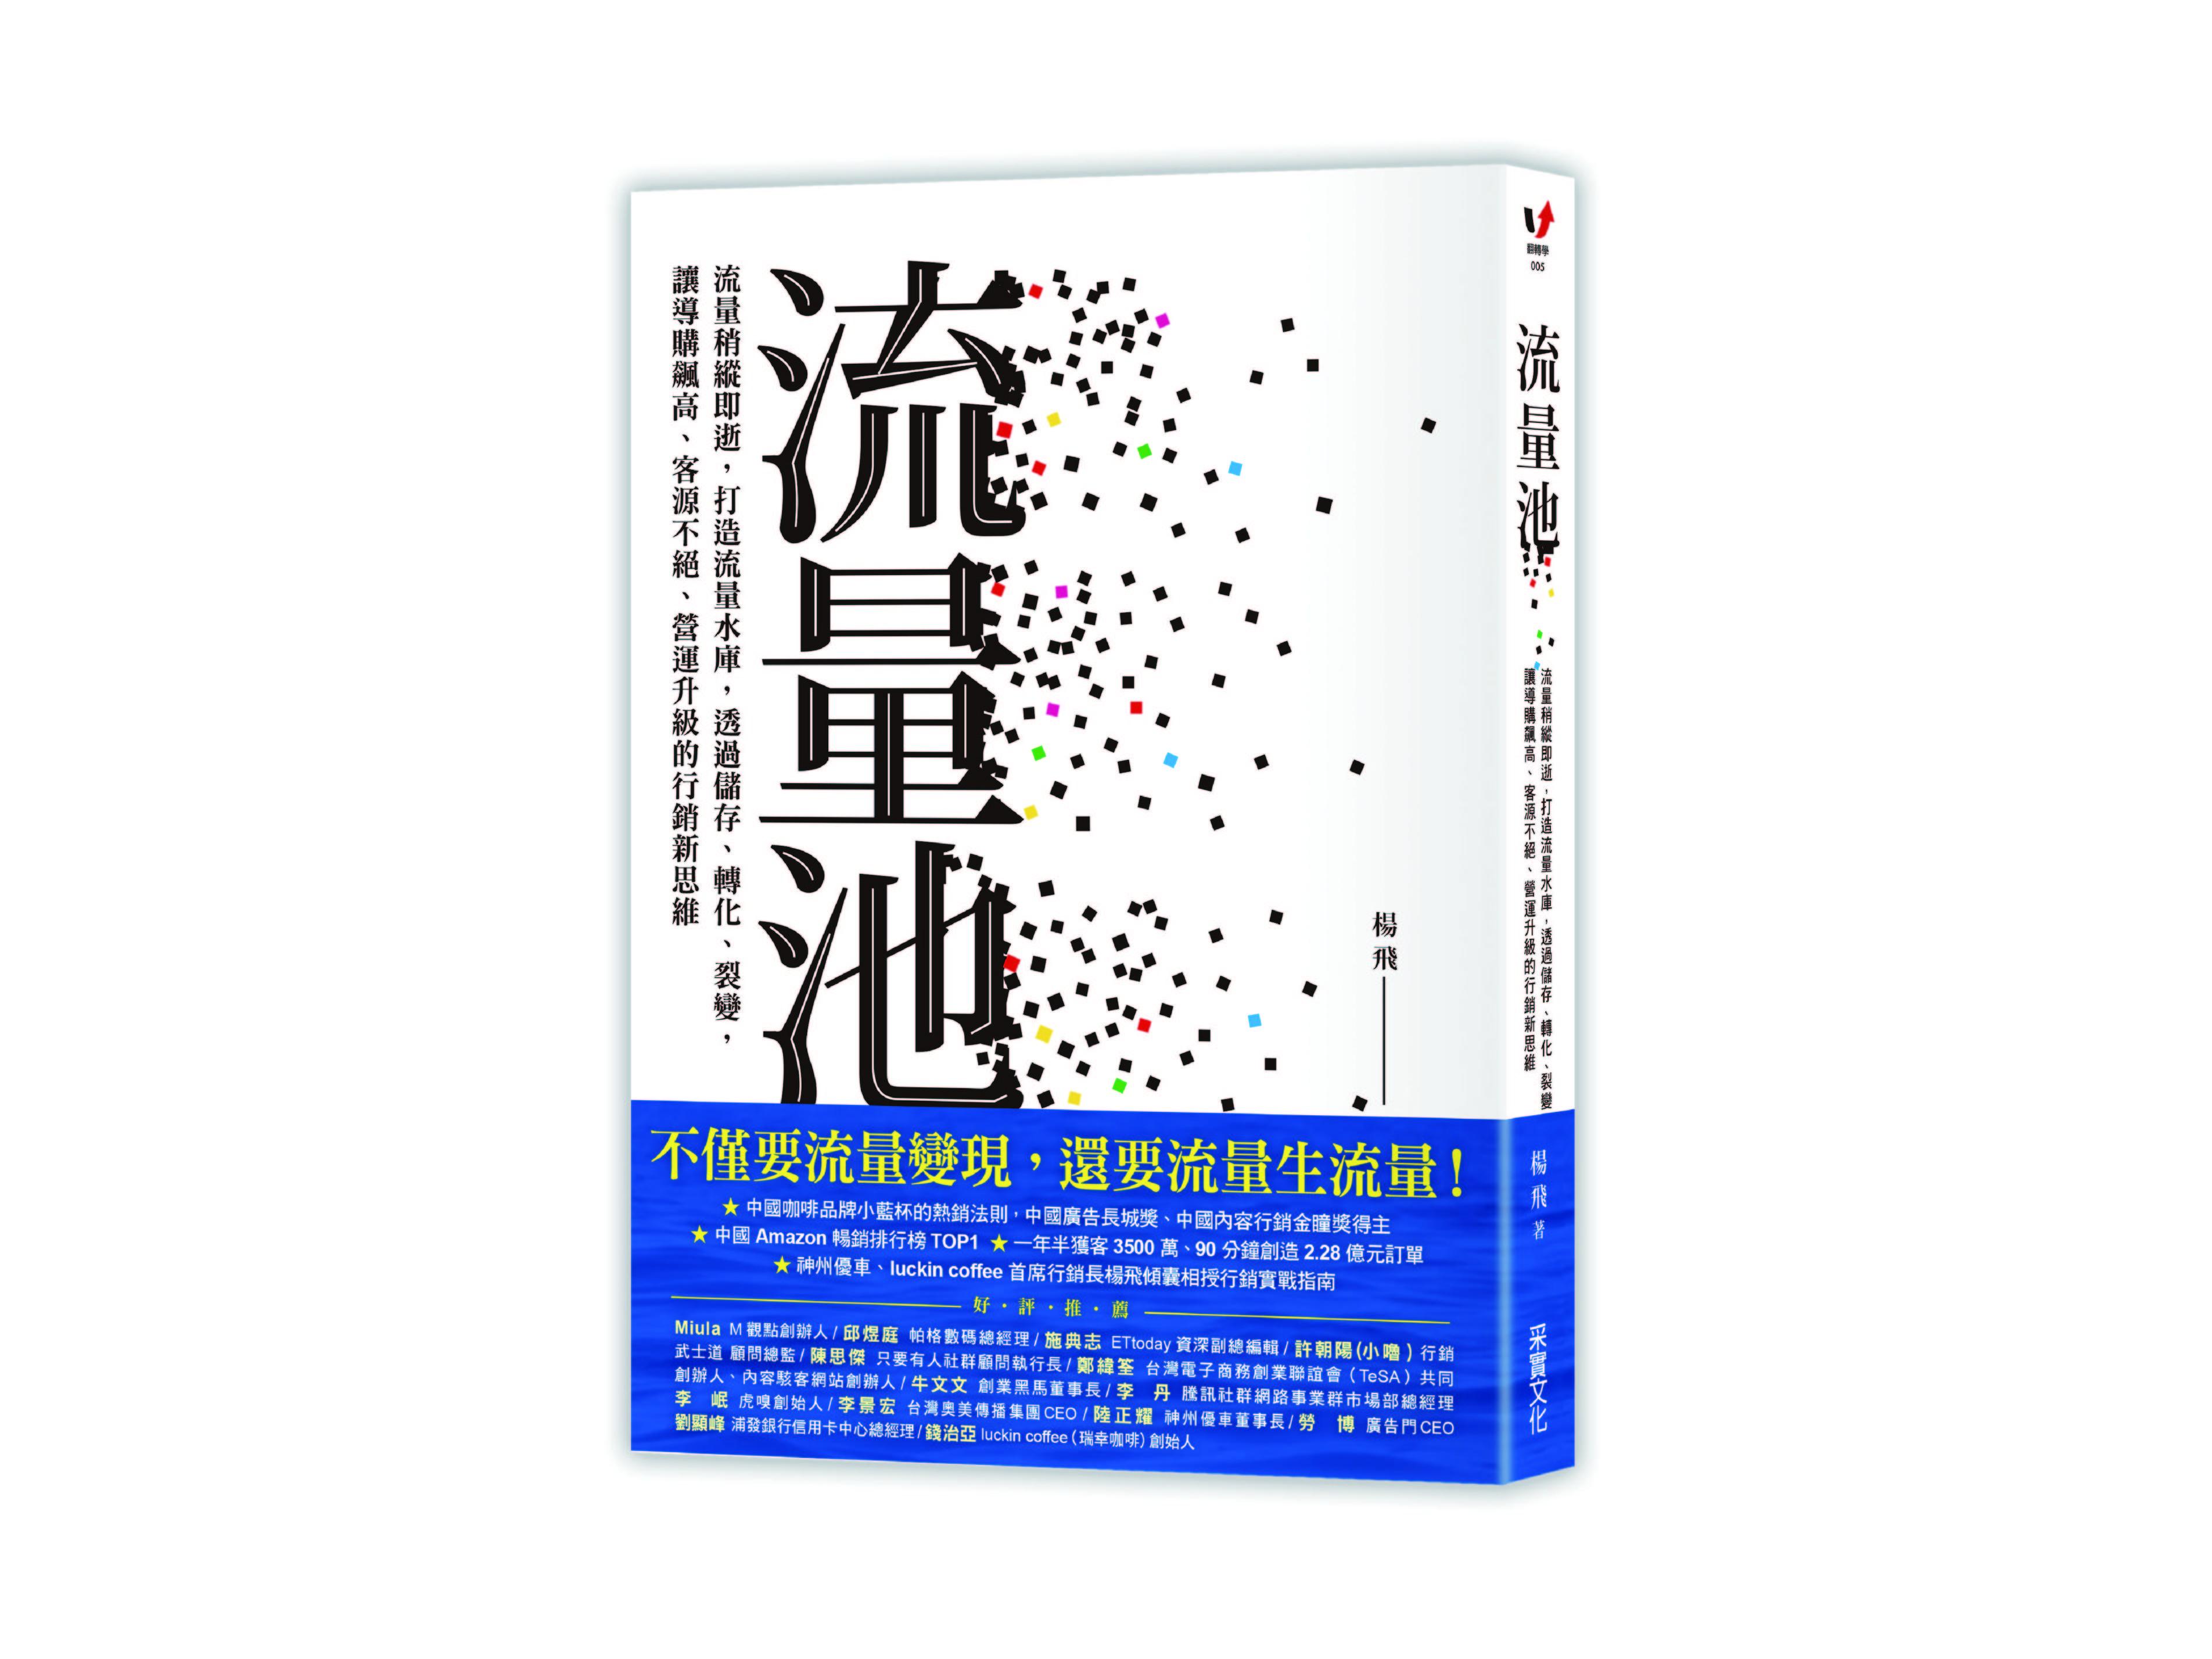 新書搶先看》當流量遇上流量,跨界行銷打造1+1>2效益